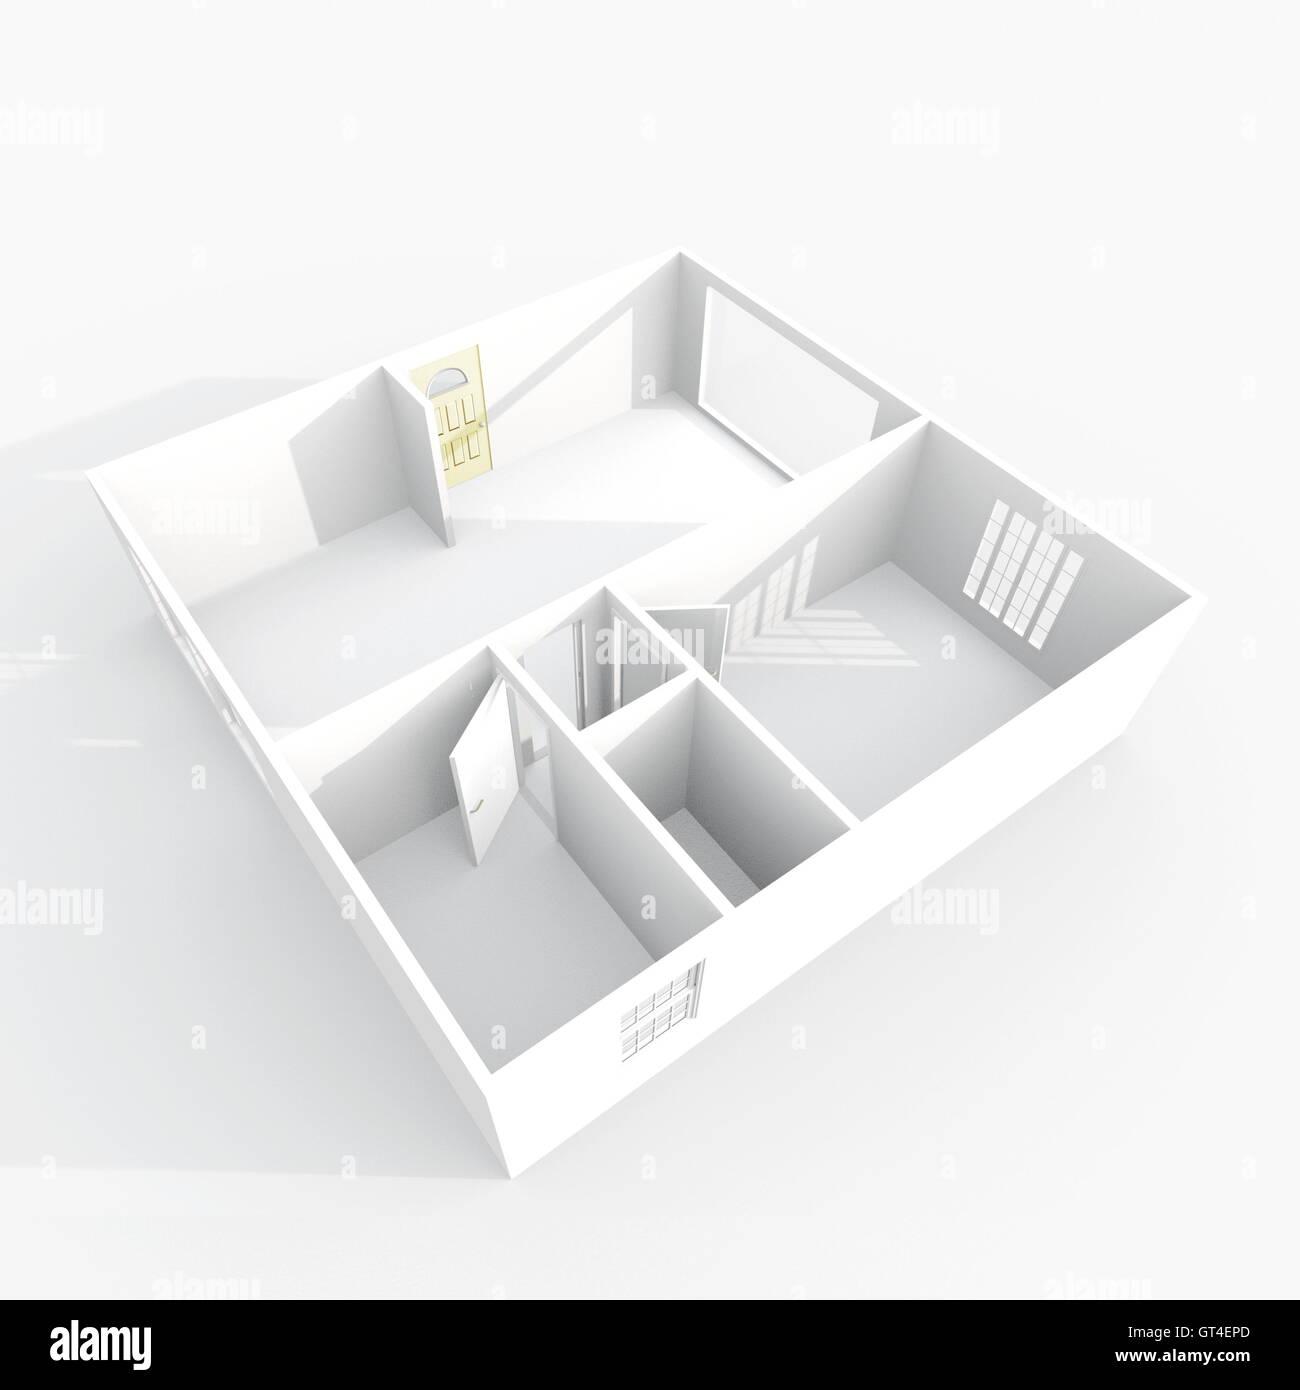 Inneren 3D Rendering Leeres Papier Modell Haus Wohnung